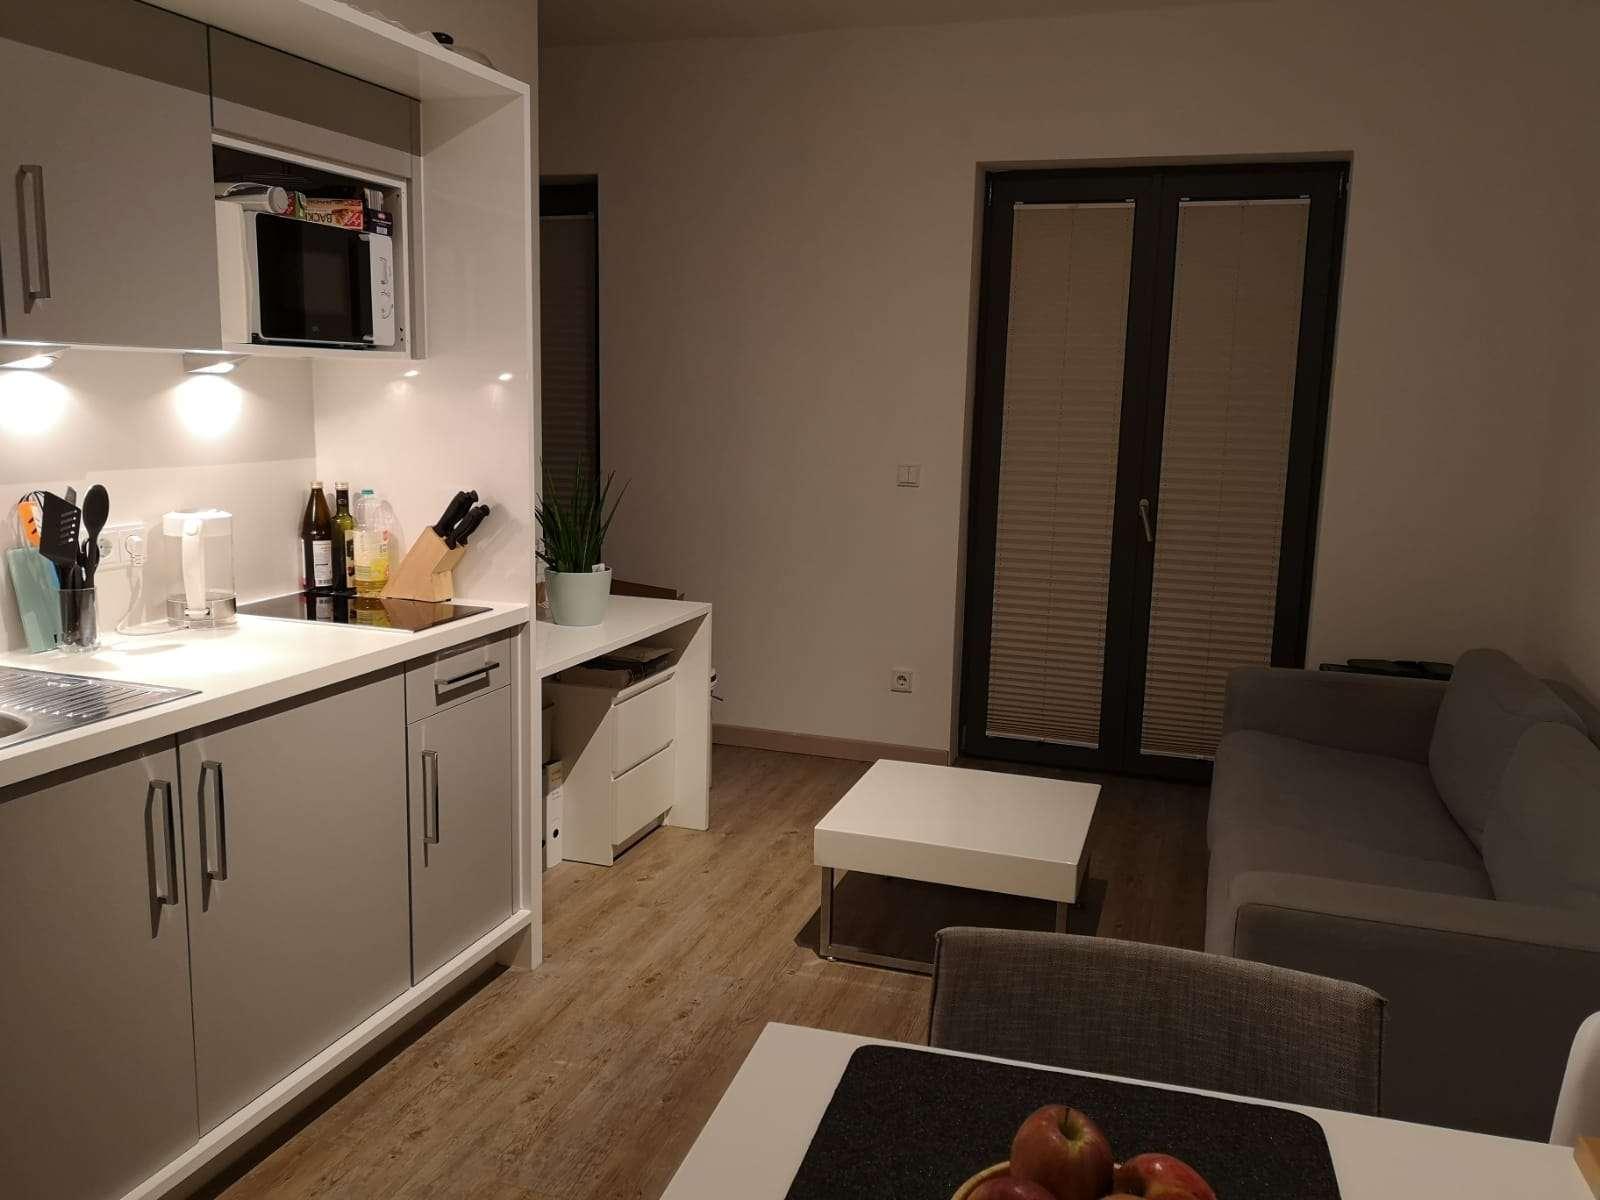 Stilvoll möblierte 1-Zimmer-Wohnung mit Terrasse für Studenten in Ingolstadt in Südost (Ingolstadt)